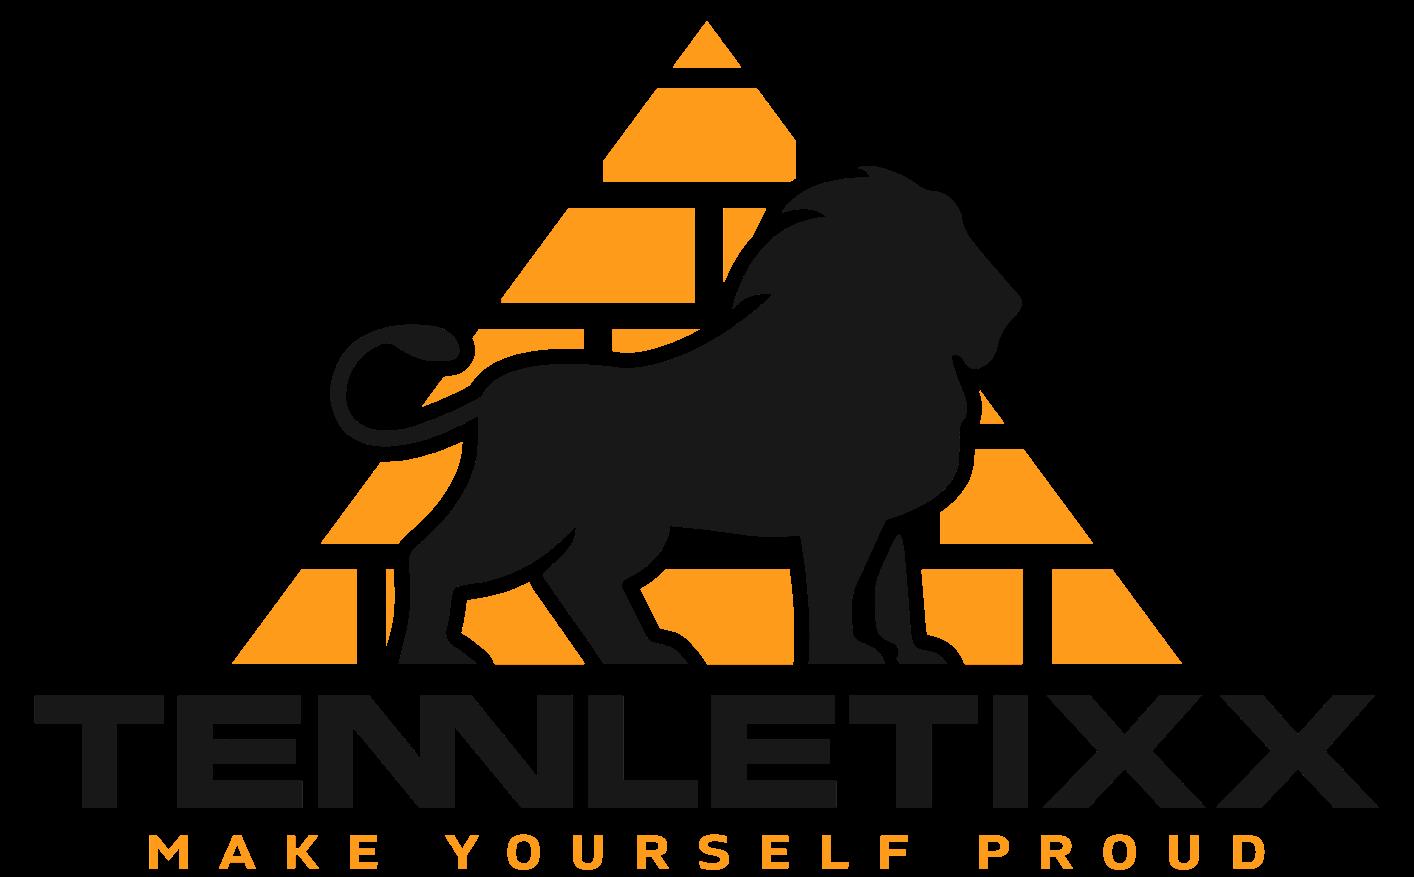 TENNLETIXX Logo